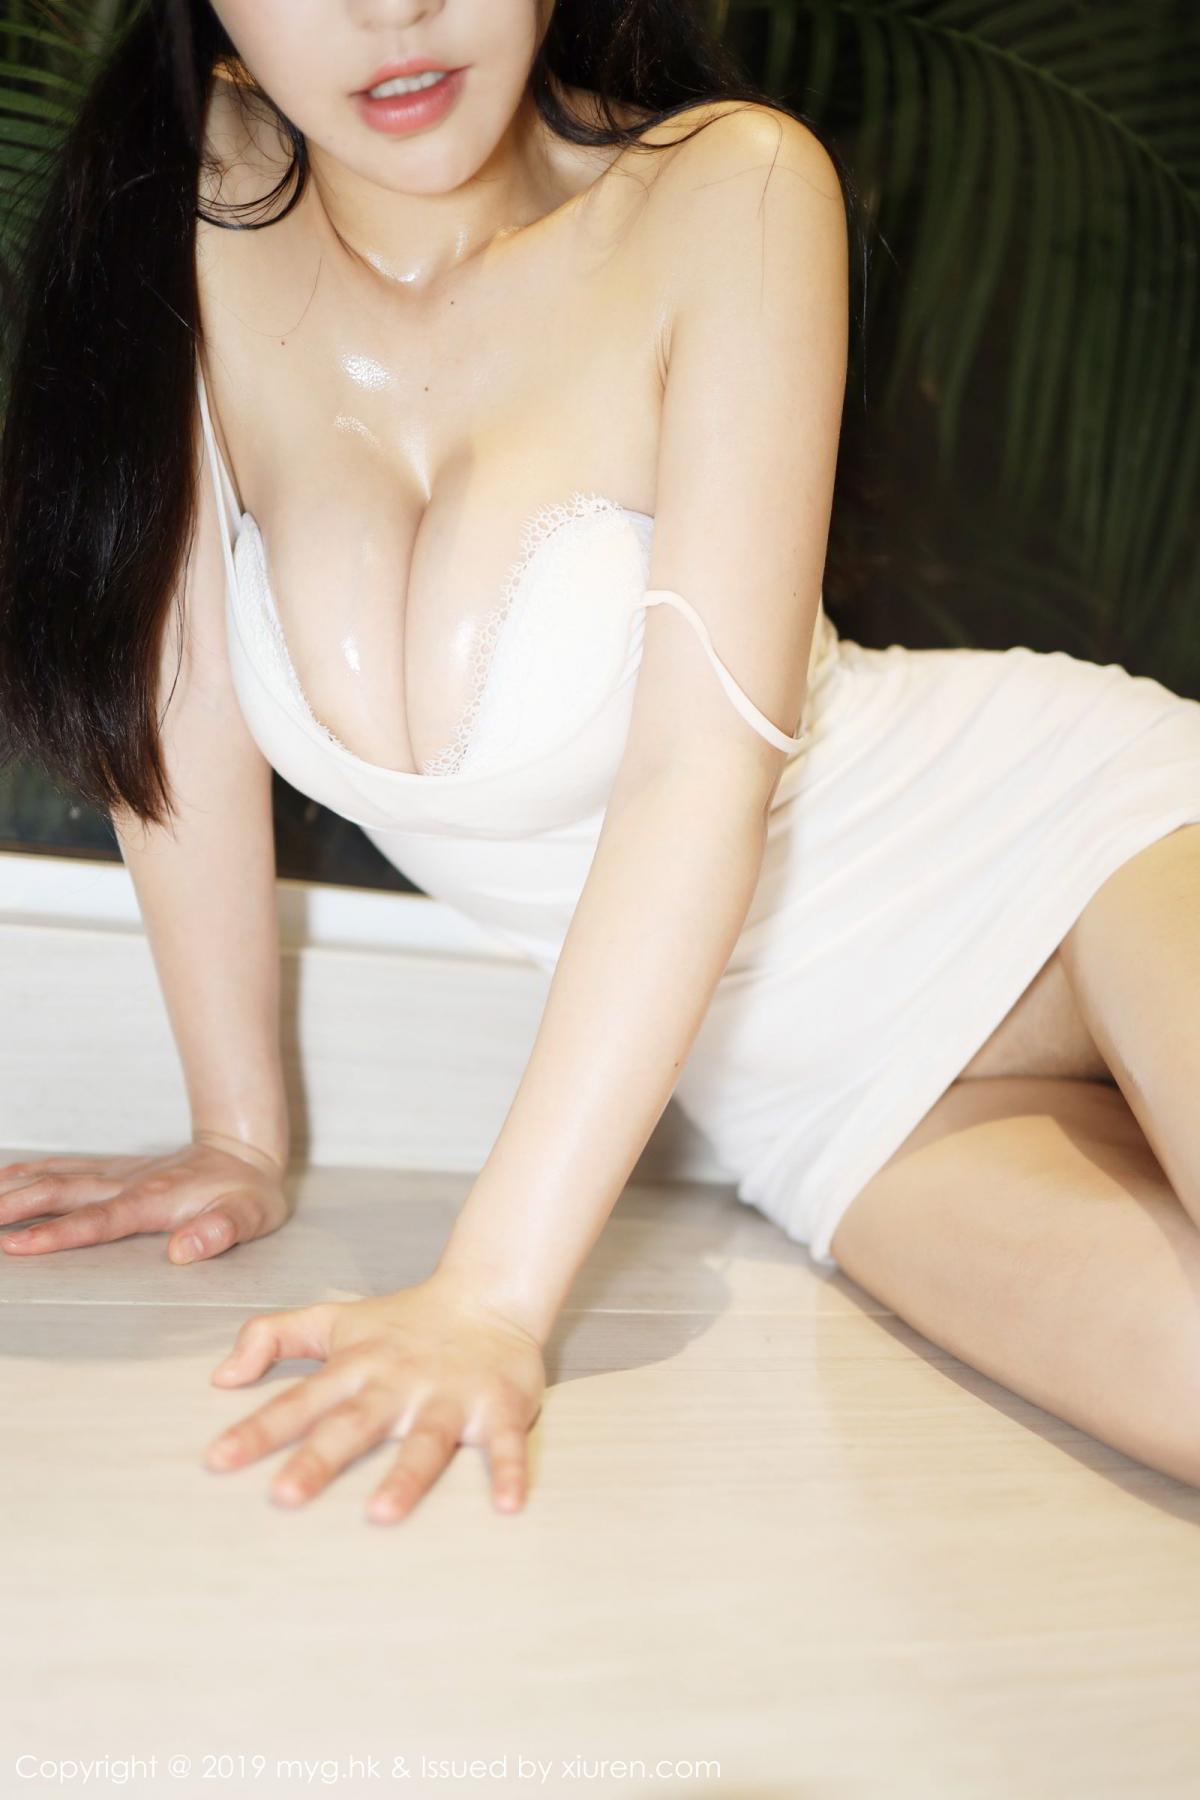 [MyGirl] Vol.367 Zhu Ke Er 45P, mygirl, Zhu Ke Er